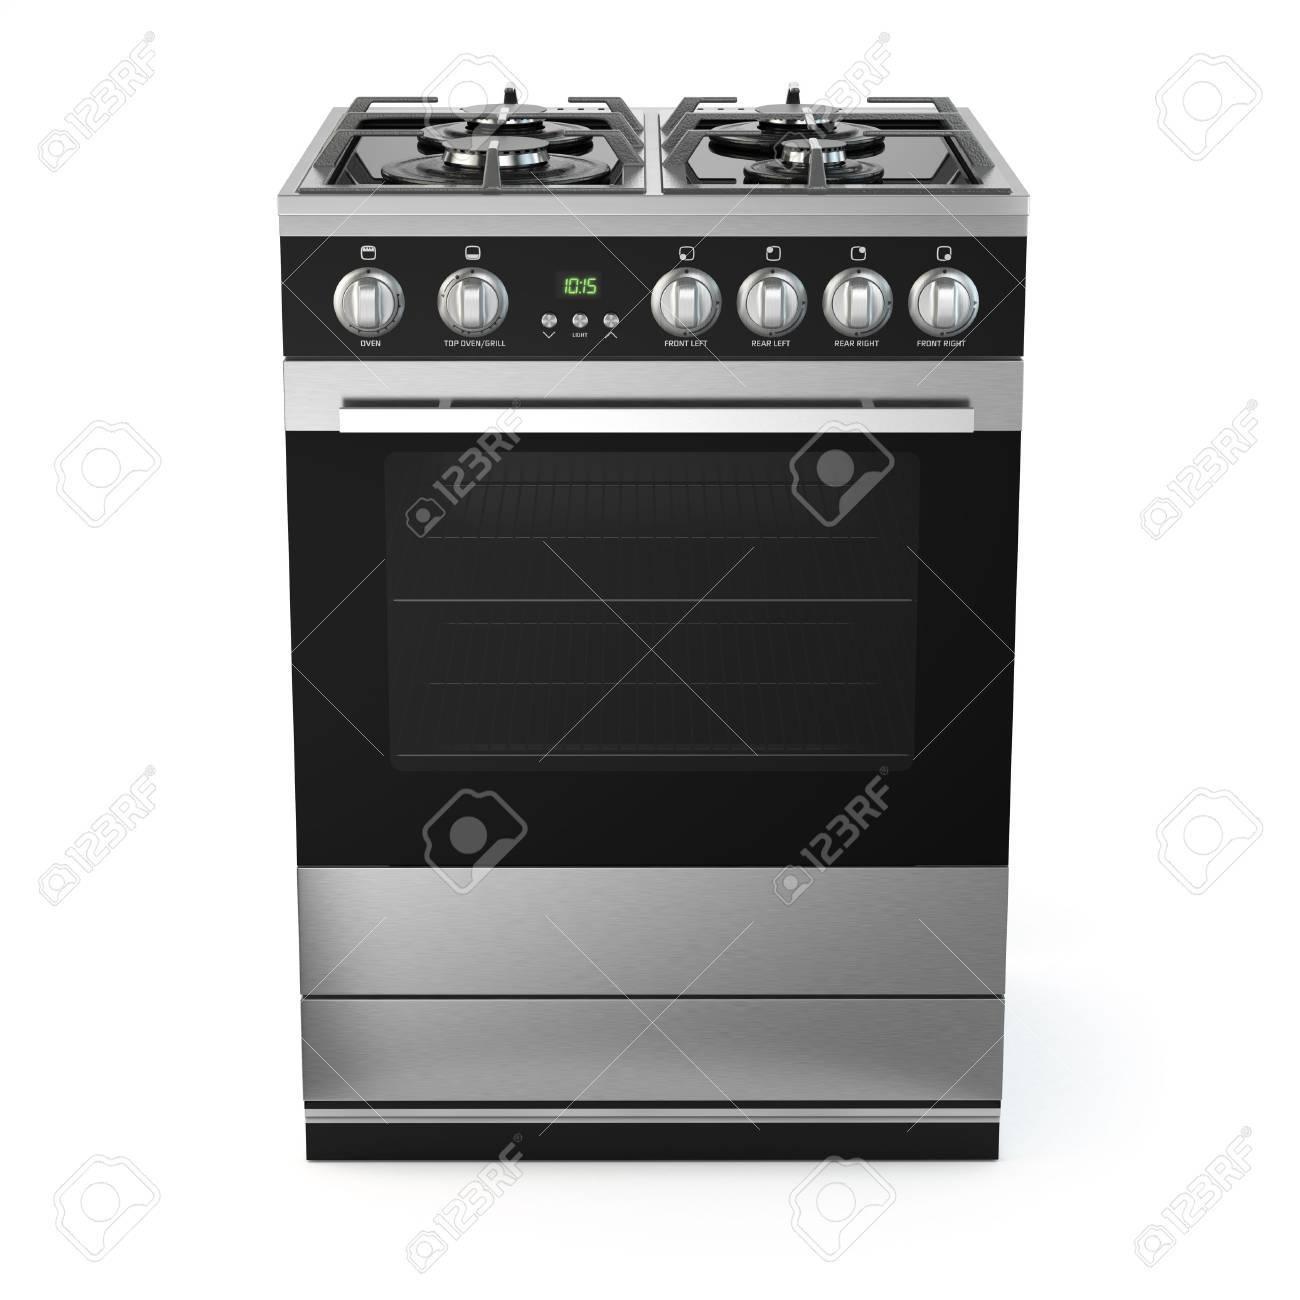 super populaire 97413 581ec Inoxydable cuisinière à gaz avec four en acier isolé sur blanc. 3d